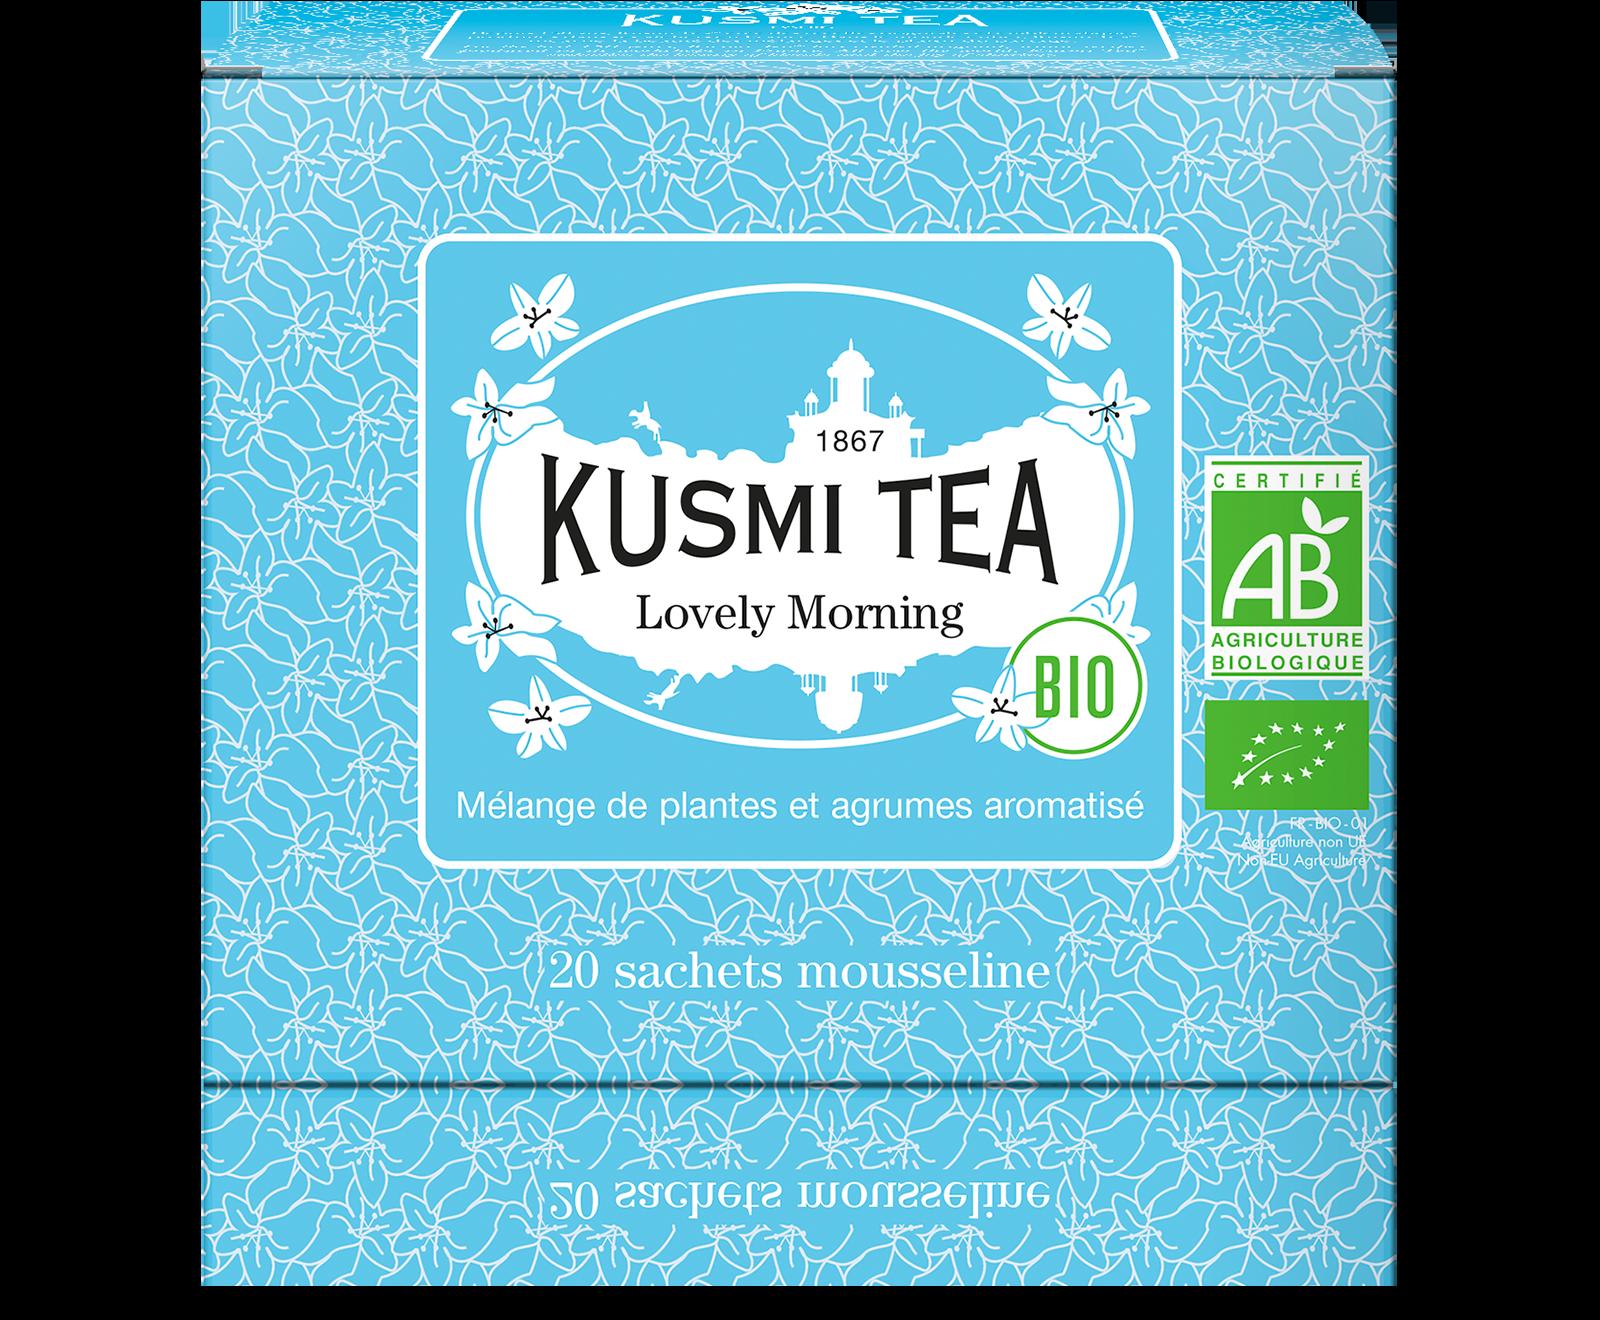 Thé vert, maté - Lovely Morning Bio - Sachets - Kusmi Tea